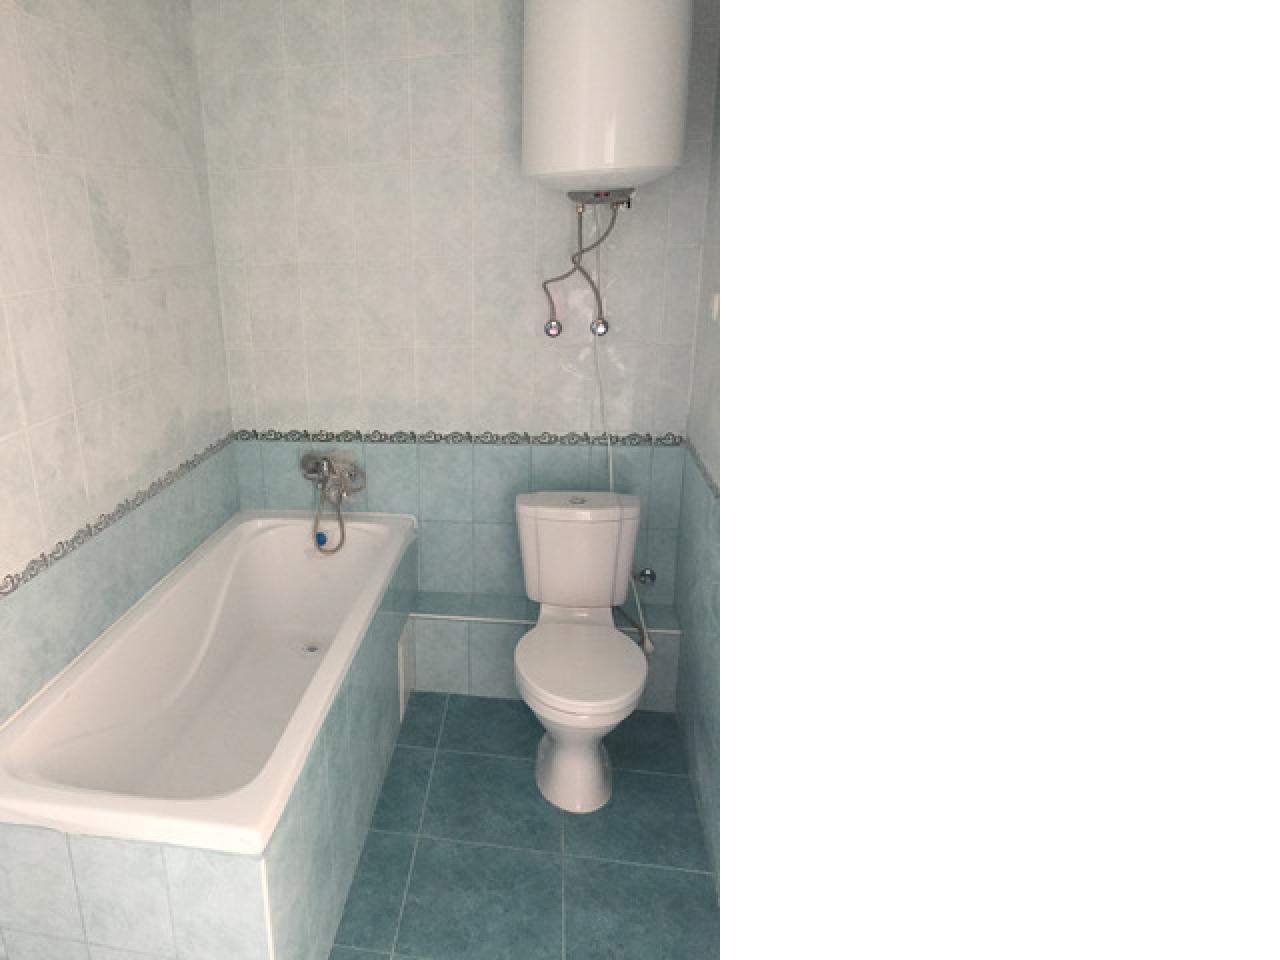 3-х комнатная квартира в Алупке, Крым, РОССИЯ  цена £87,000 Пишите, звоните! - 5